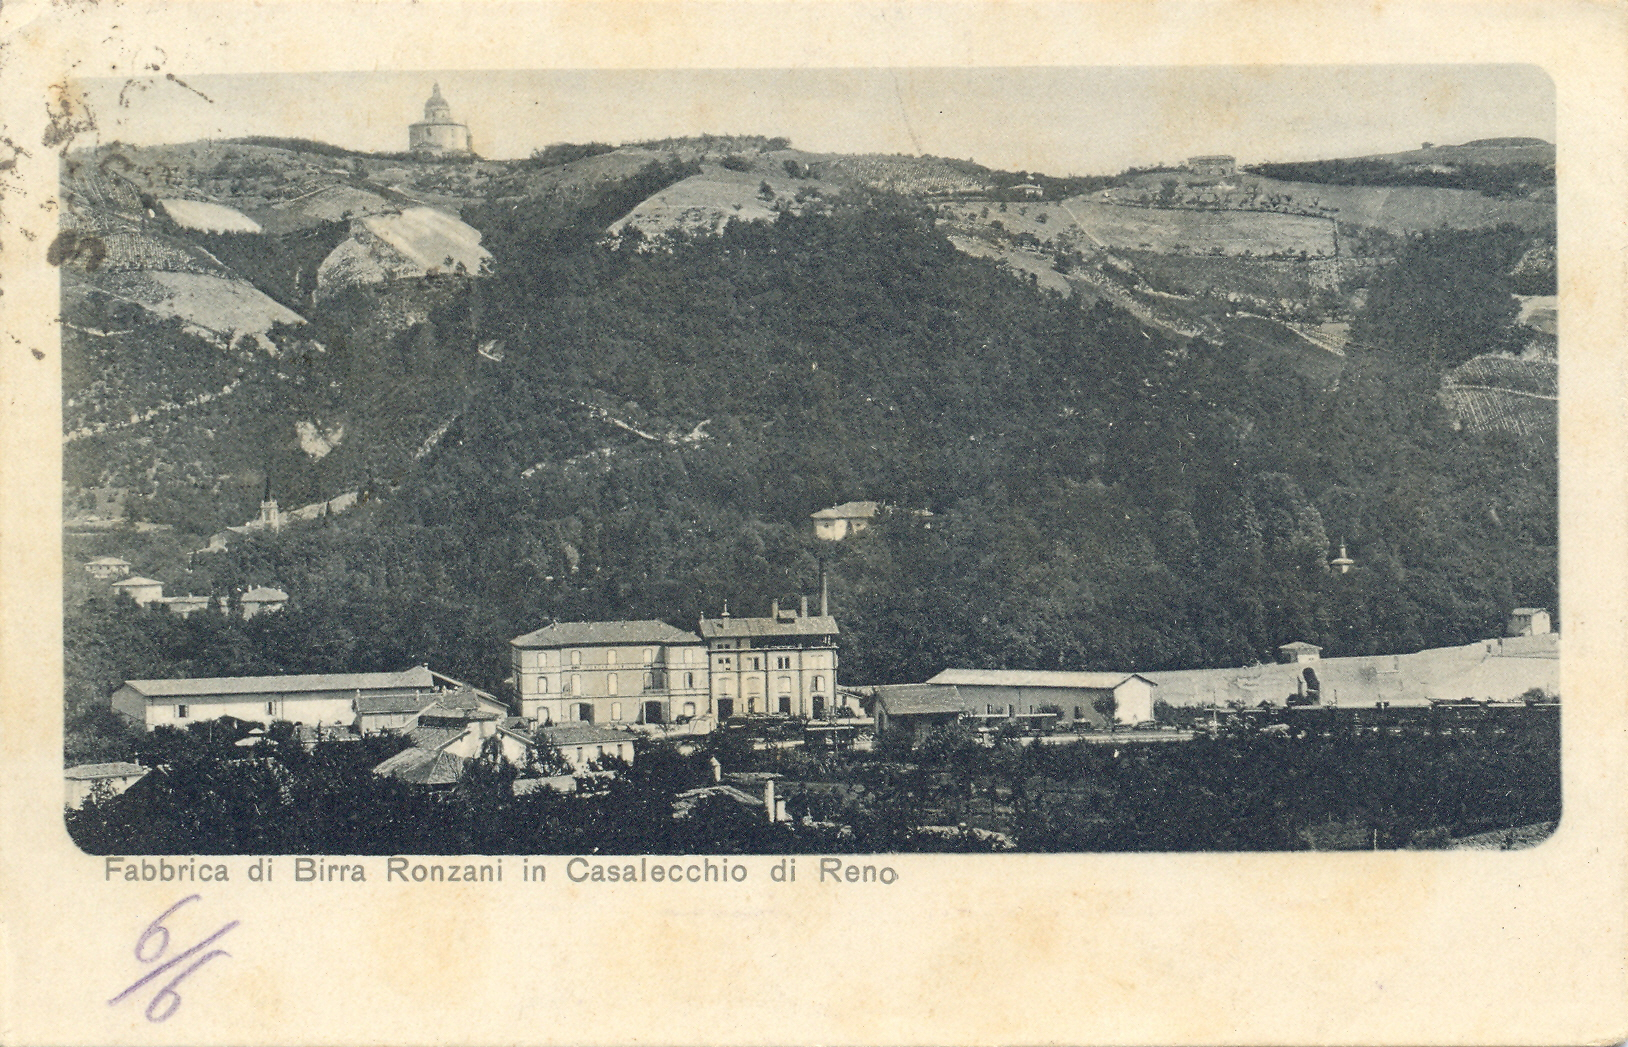 La Birreria Ronzani a Casalecchio di Reno (Archivio fotografico Biblioteca C. Pavese)